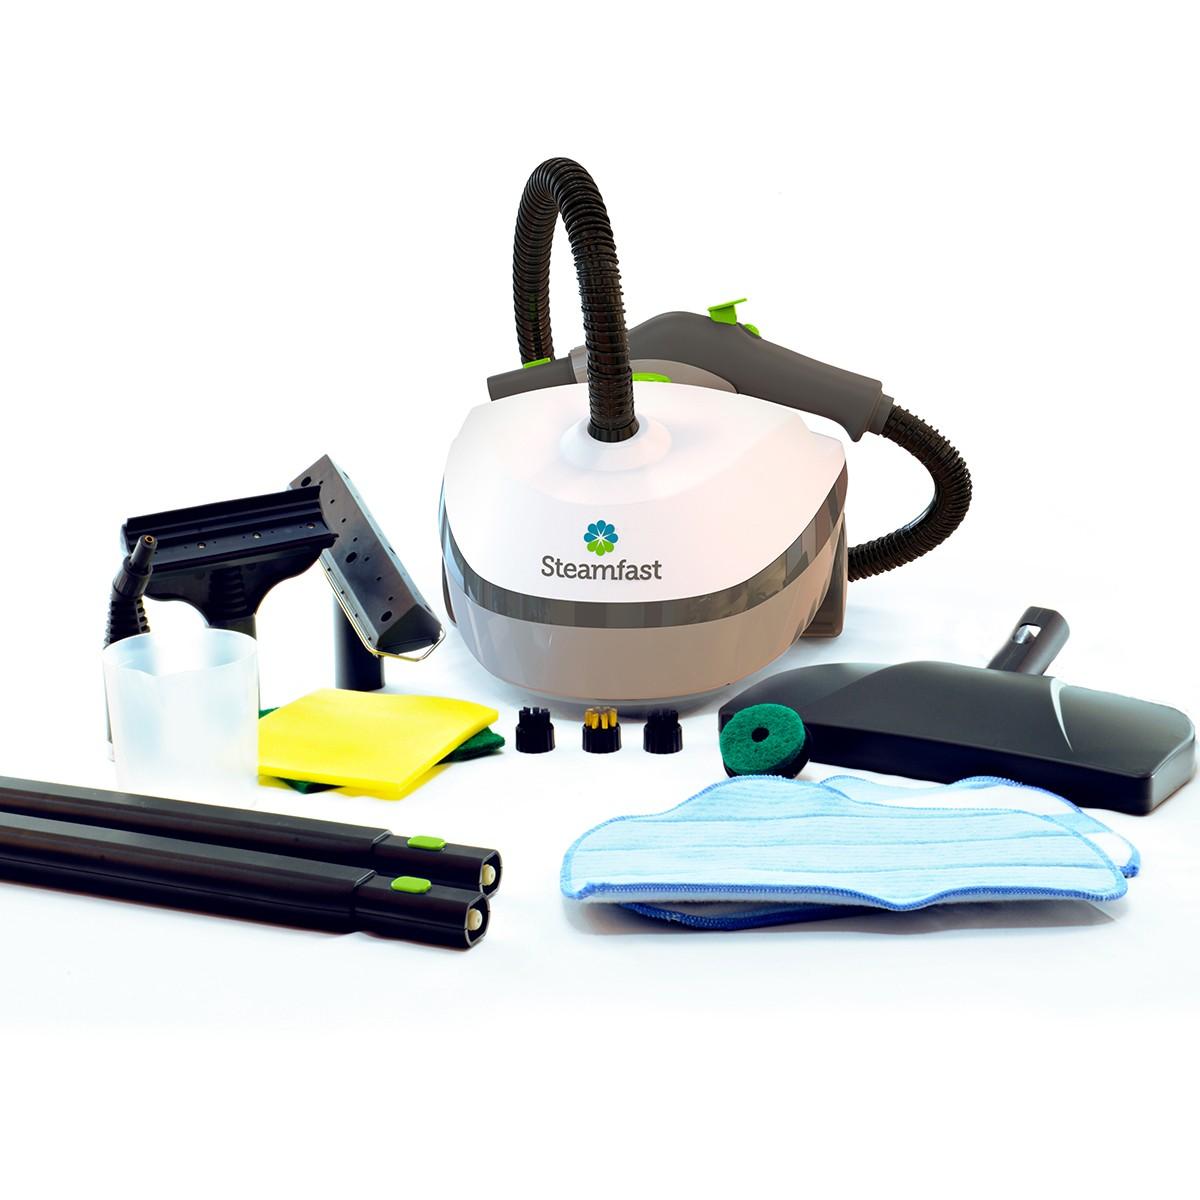 Steamfast SF-370 accessories